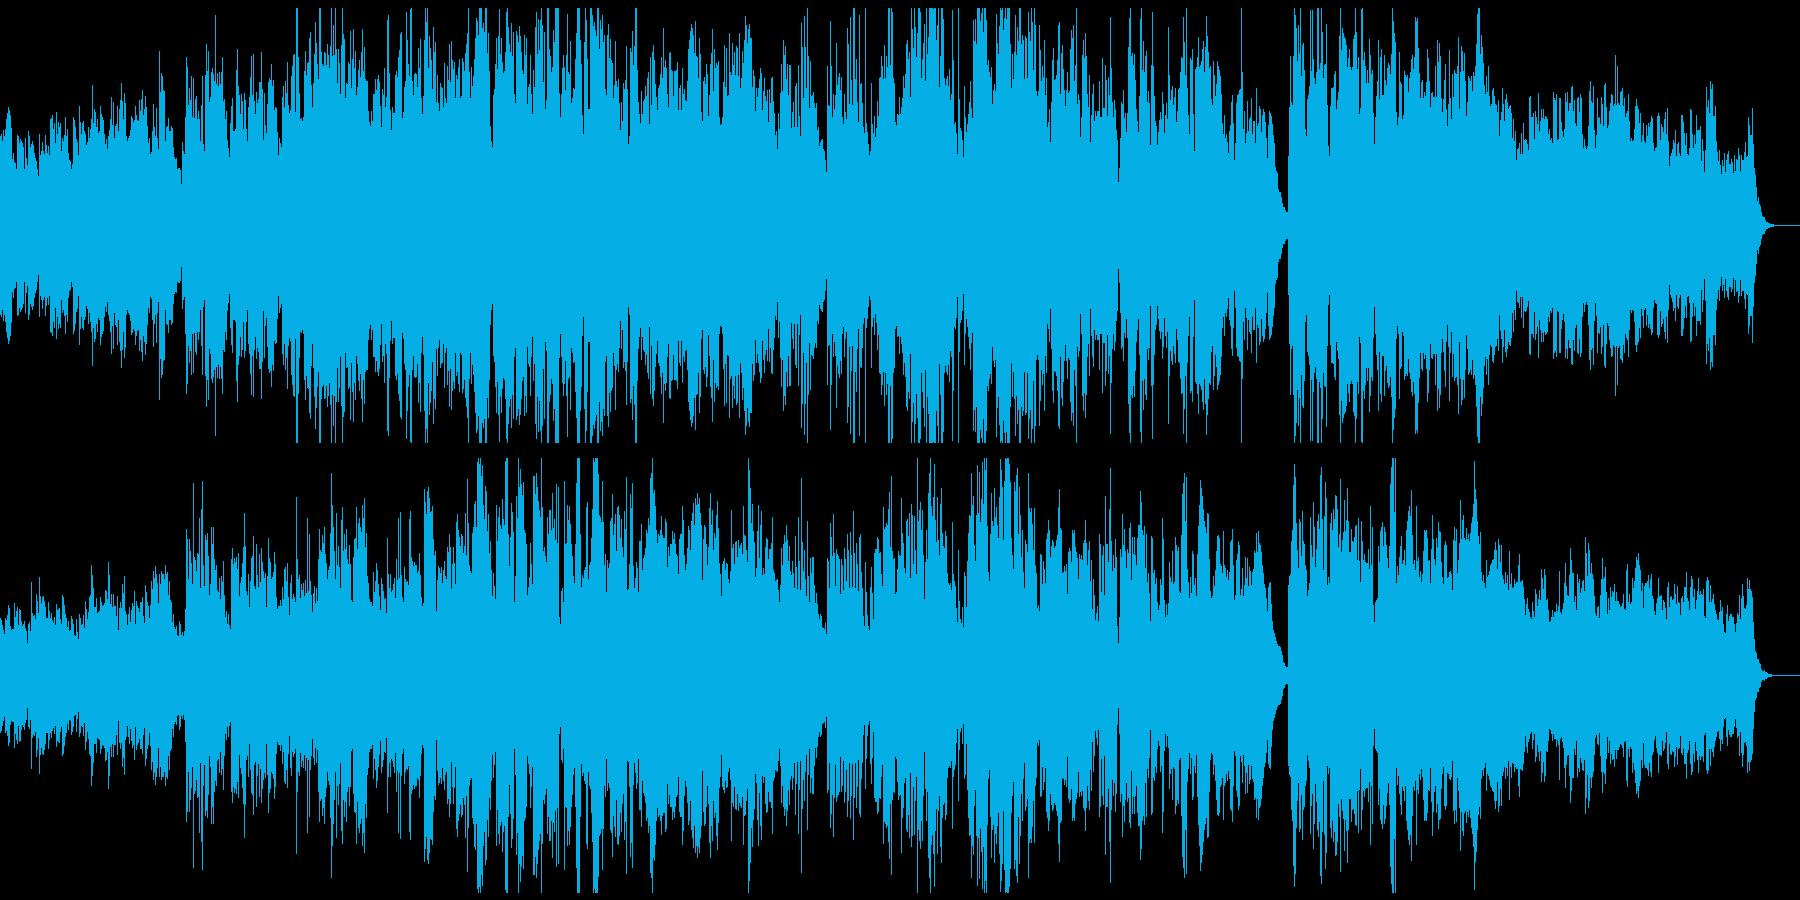 優しく感動的なフルートとピアノの再生済みの波形